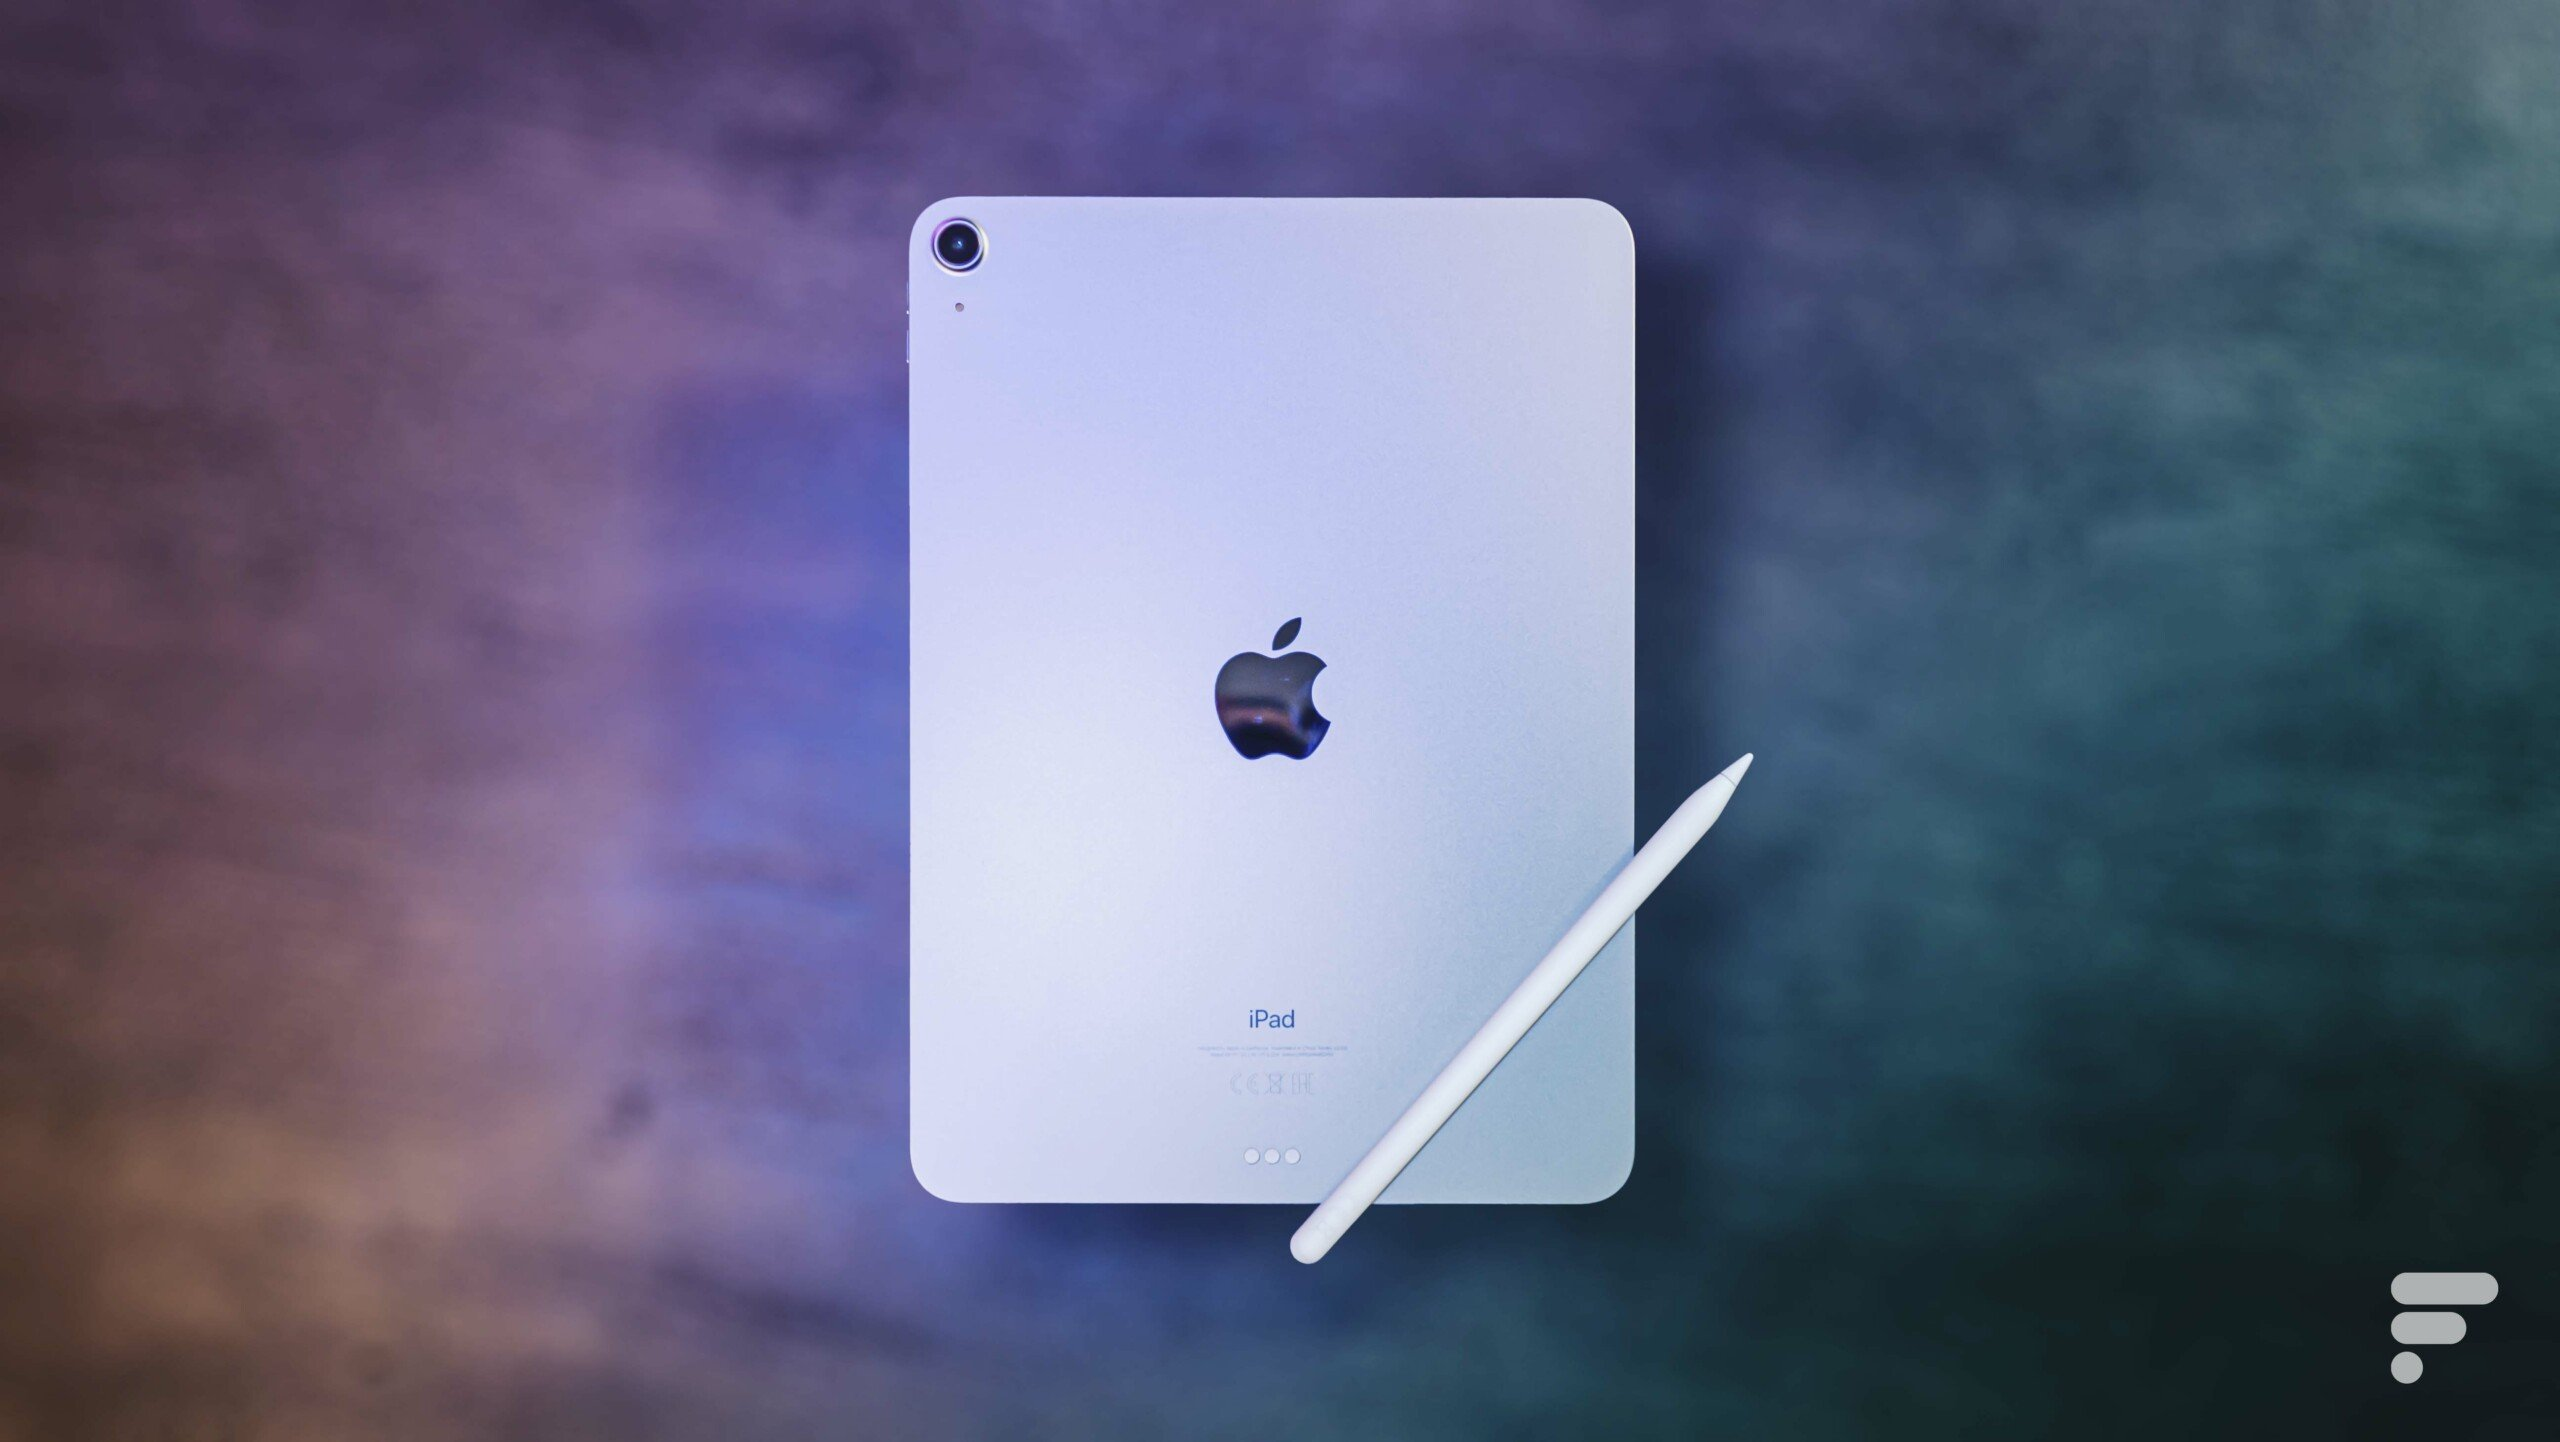 iPad, iPad Pro ou iPad Air : quel iPad choisir en 2021 ?